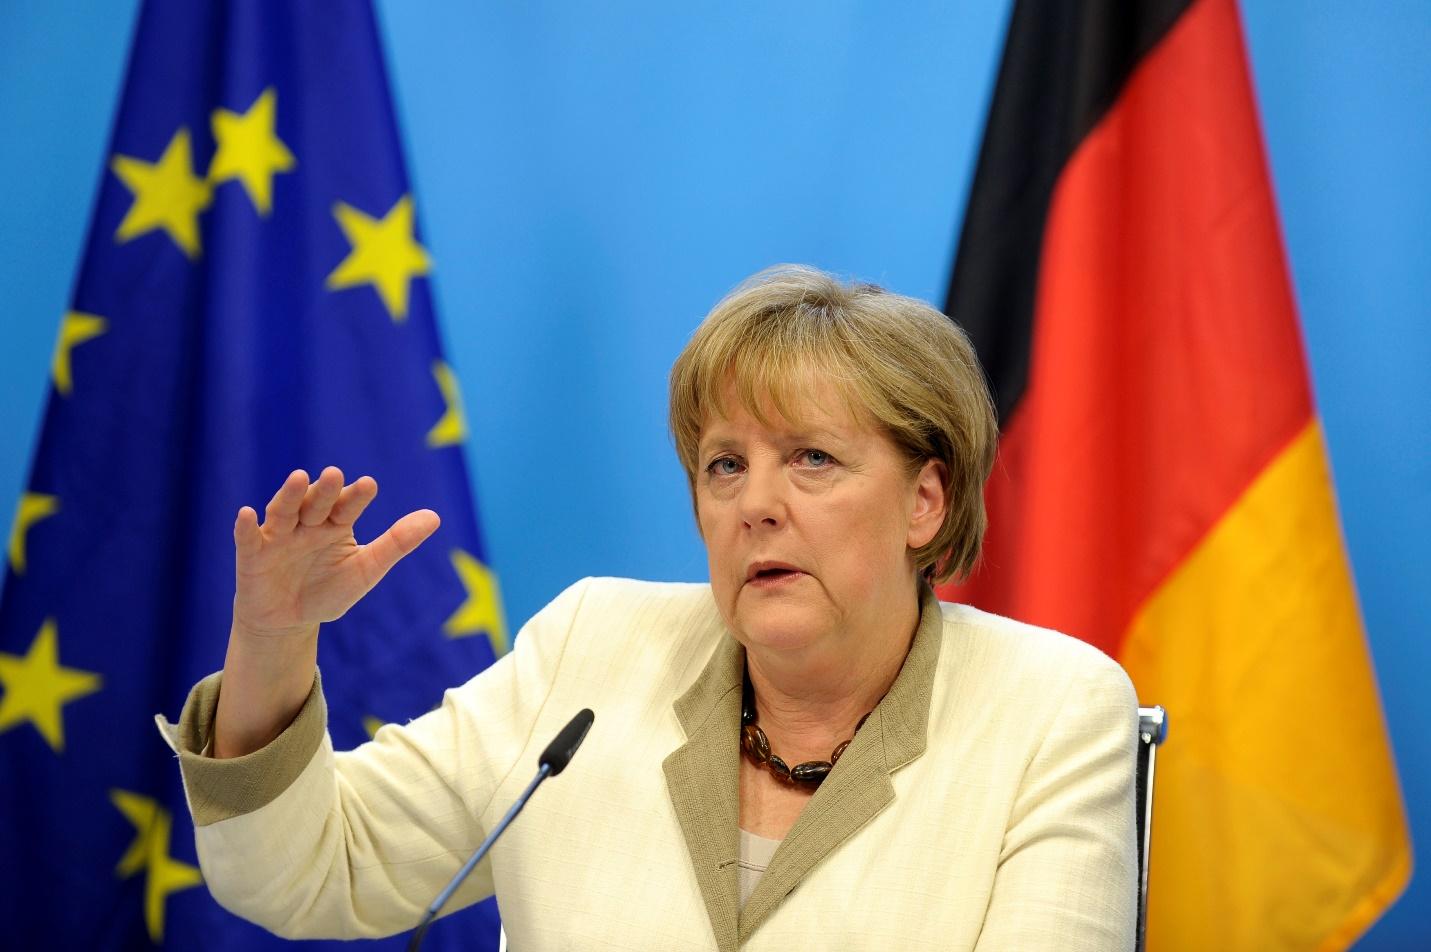 Nước Đức có chấp nhận song tịch không?